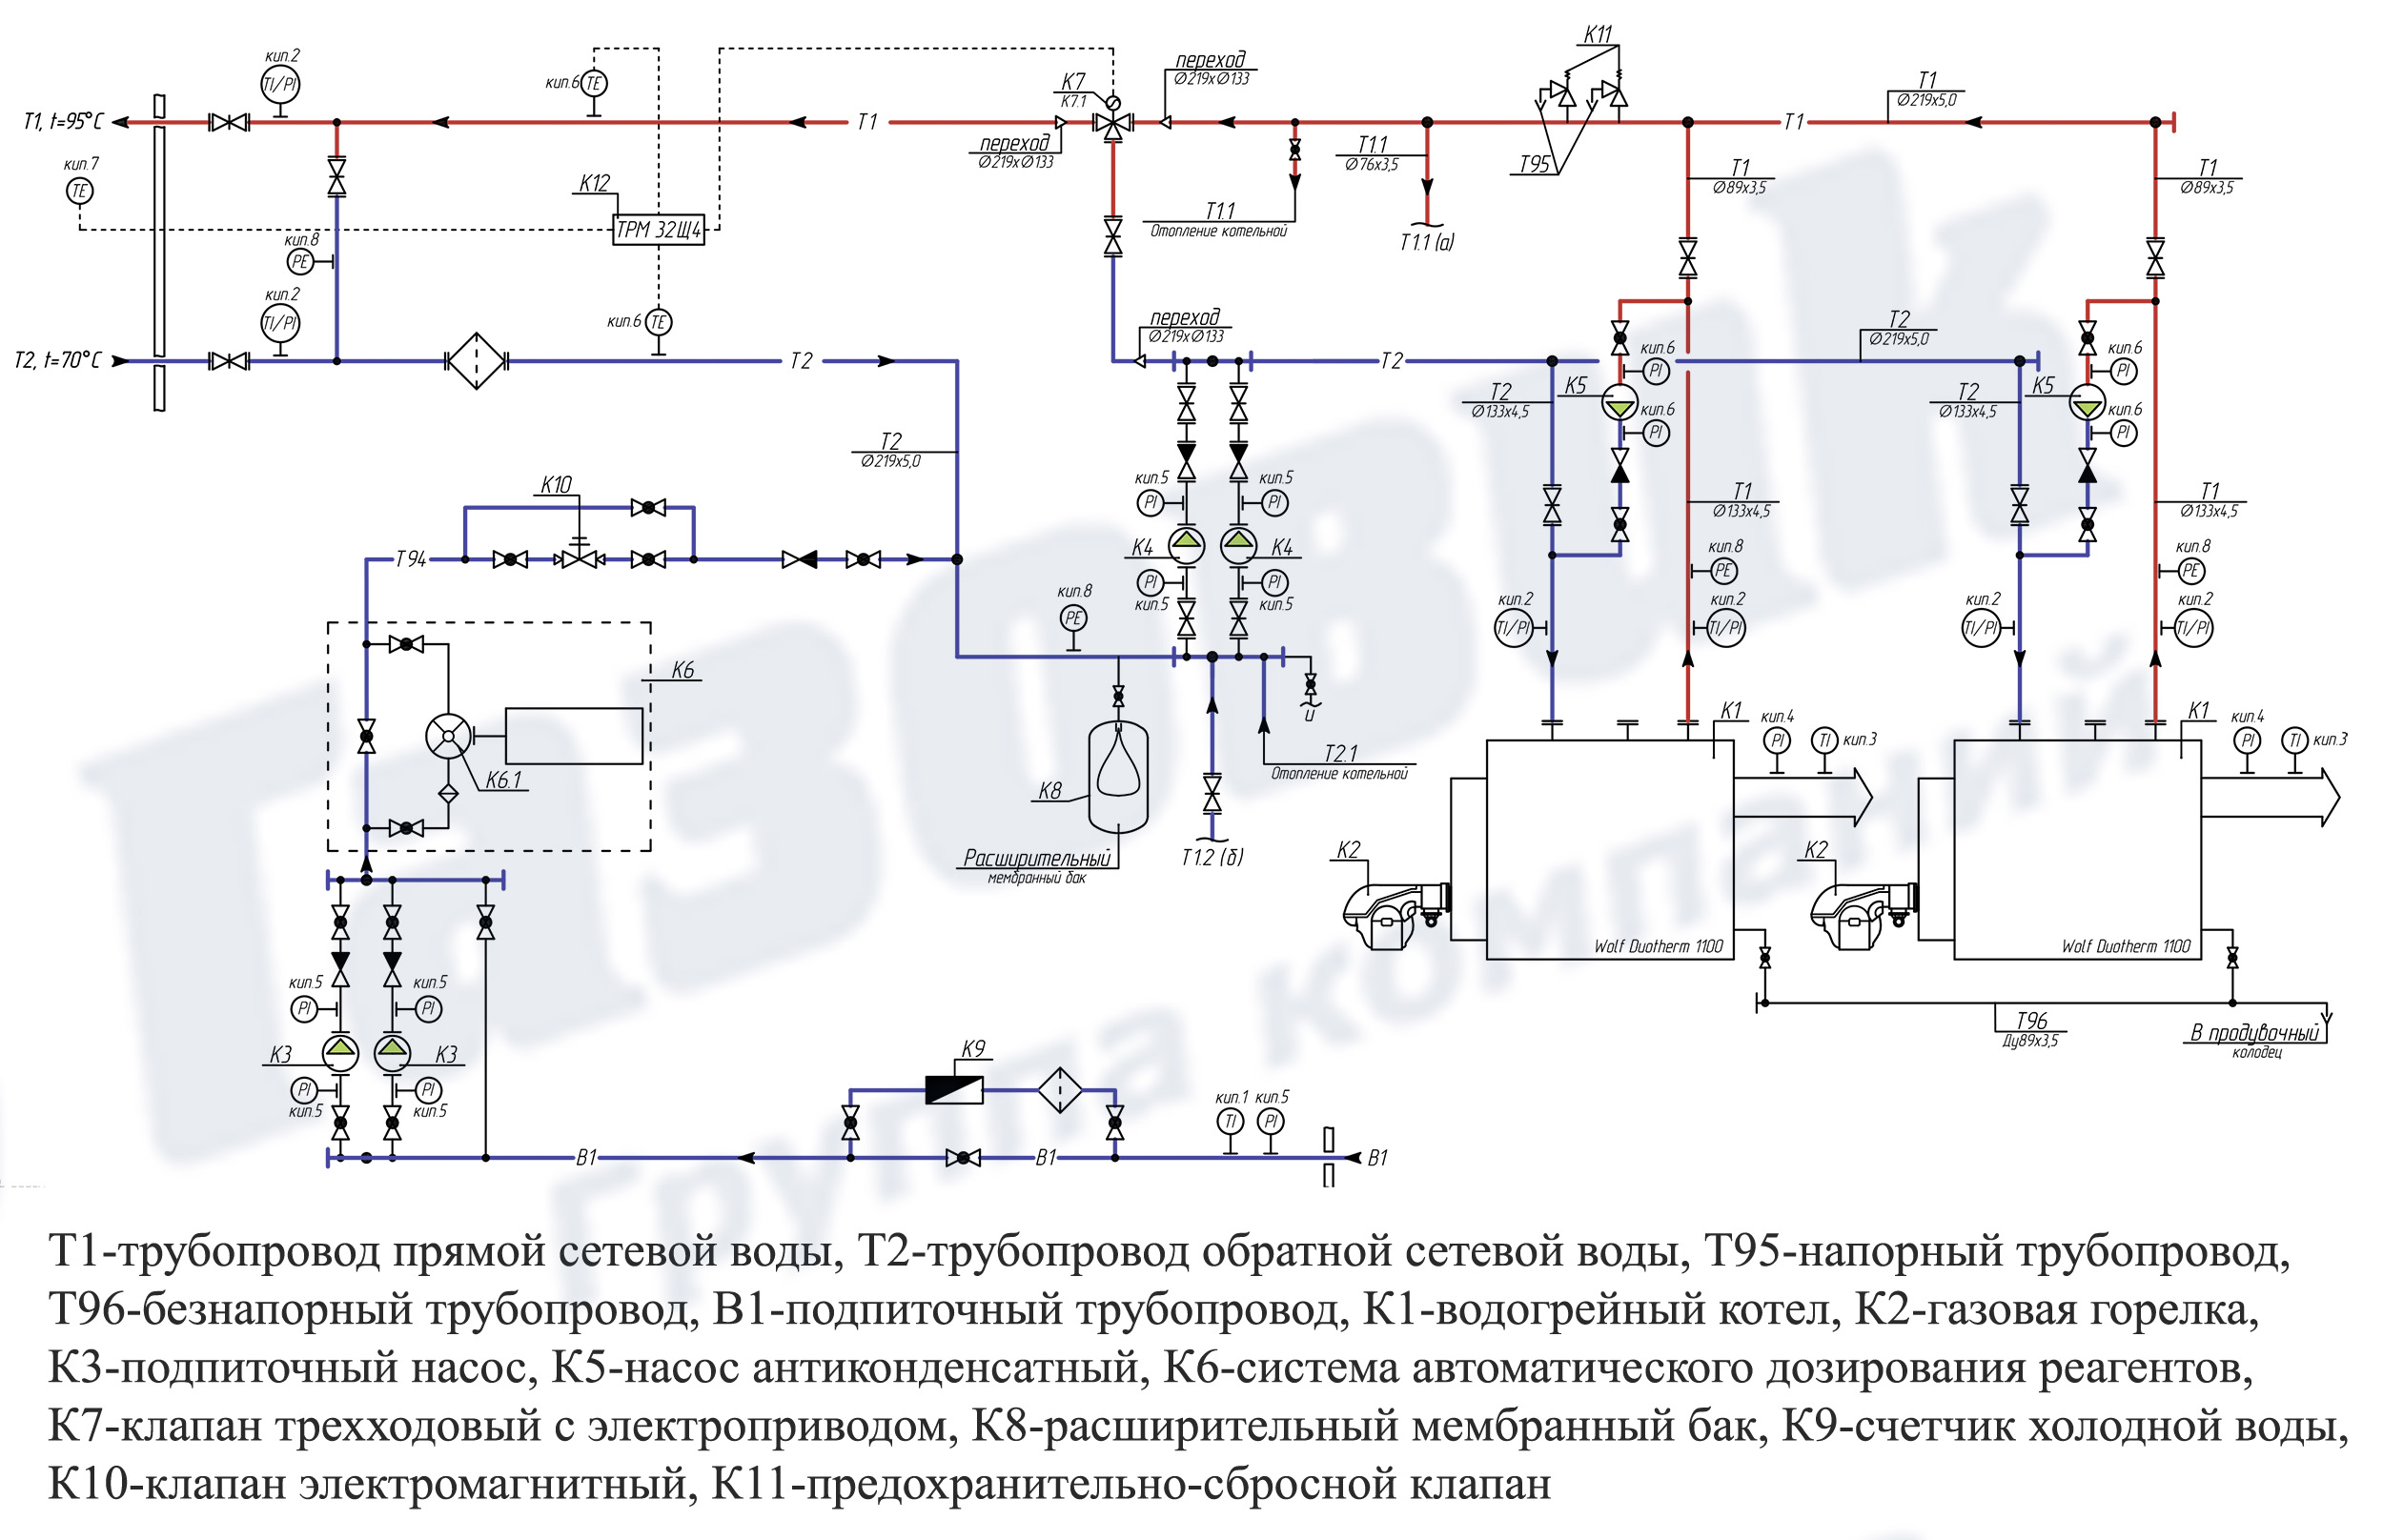 расчетно пояснительная записка к паспорту безопасности газового трубопровода котельной